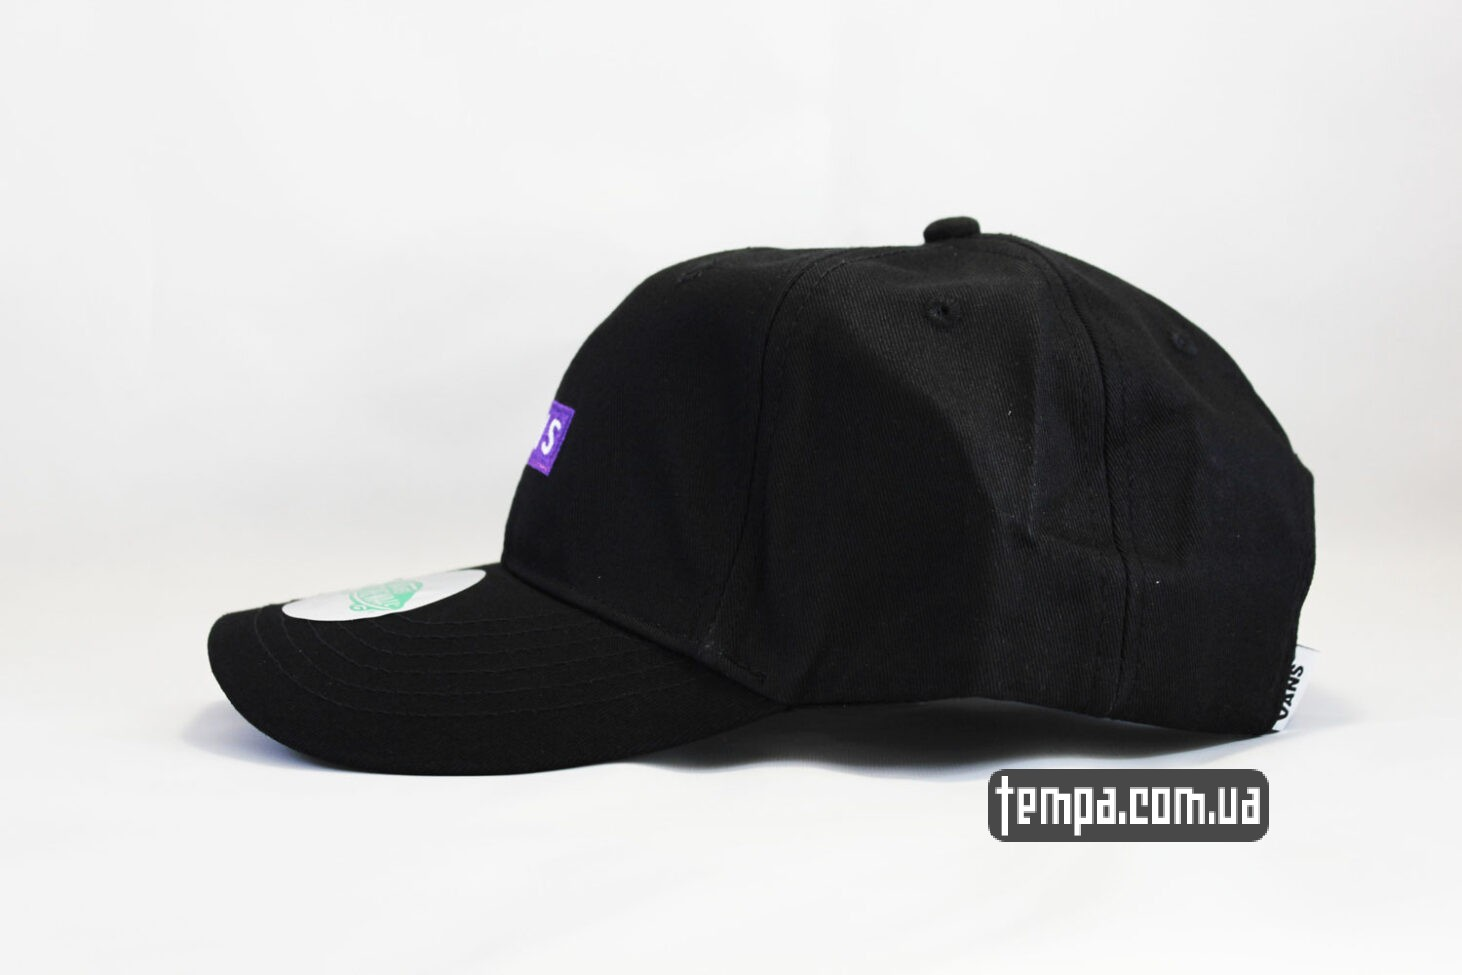 где купить оригинальный vans кепка VANS черная бейсболка с Фиолетовым логотипом